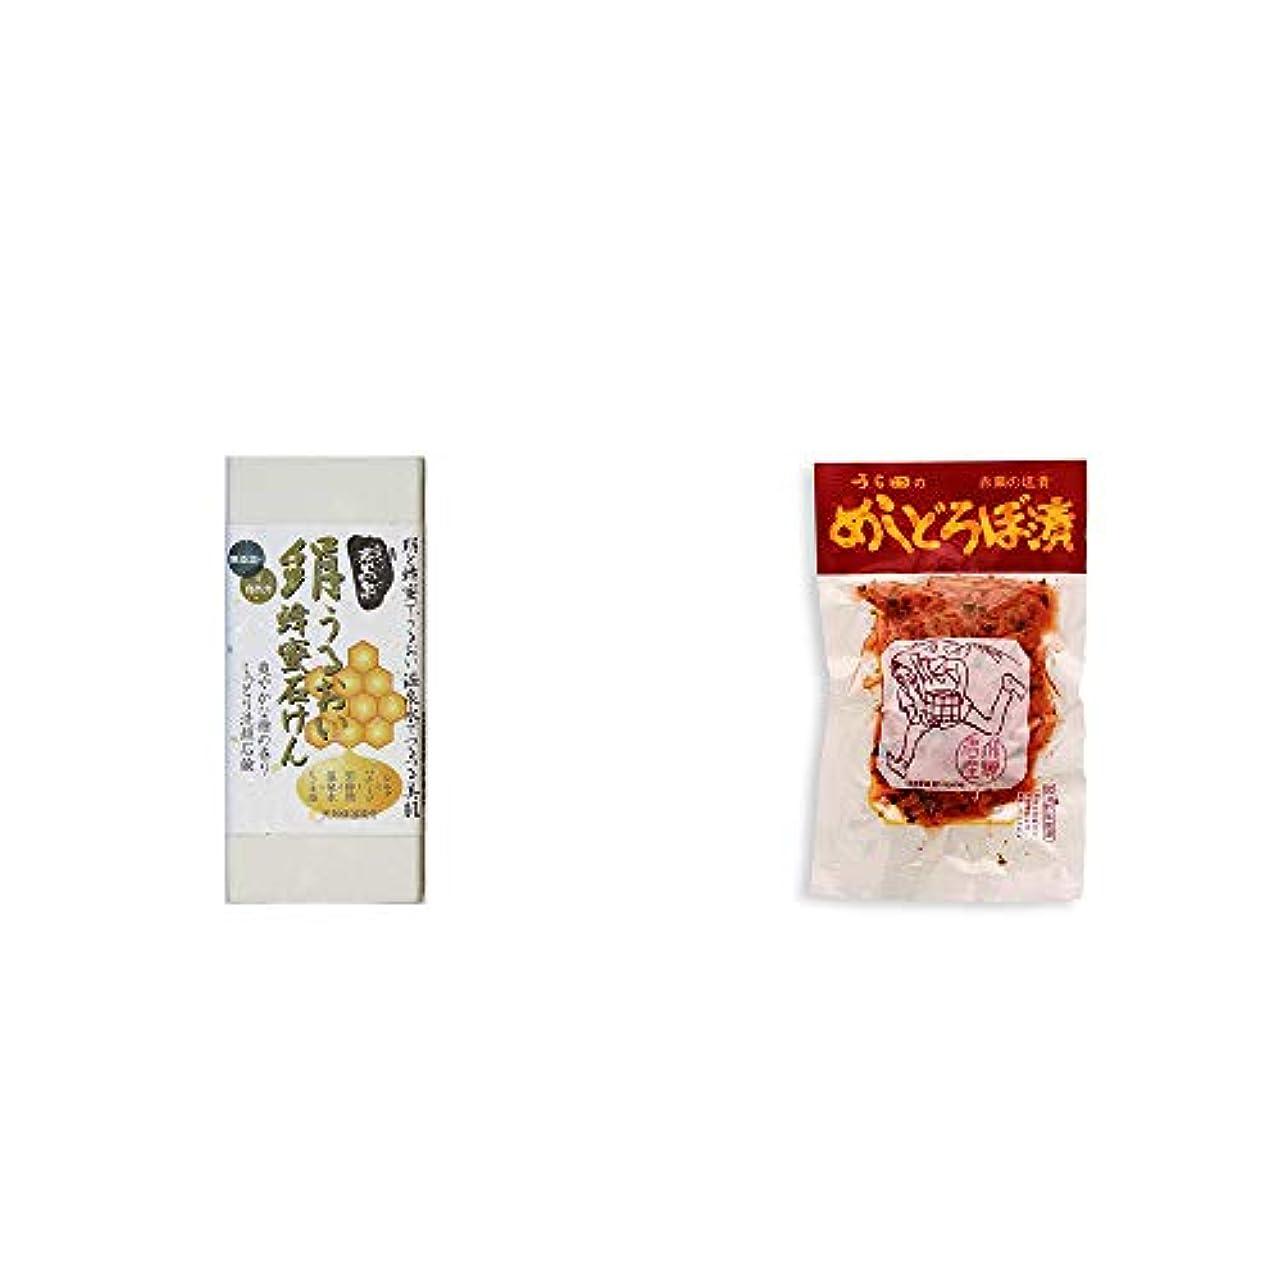 またねメナジェリー保証する[2点セット] ひのき炭黒泉 絹うるおい蜂蜜石けん(75g×2)?うら田 めしどろぼ漬(180g)